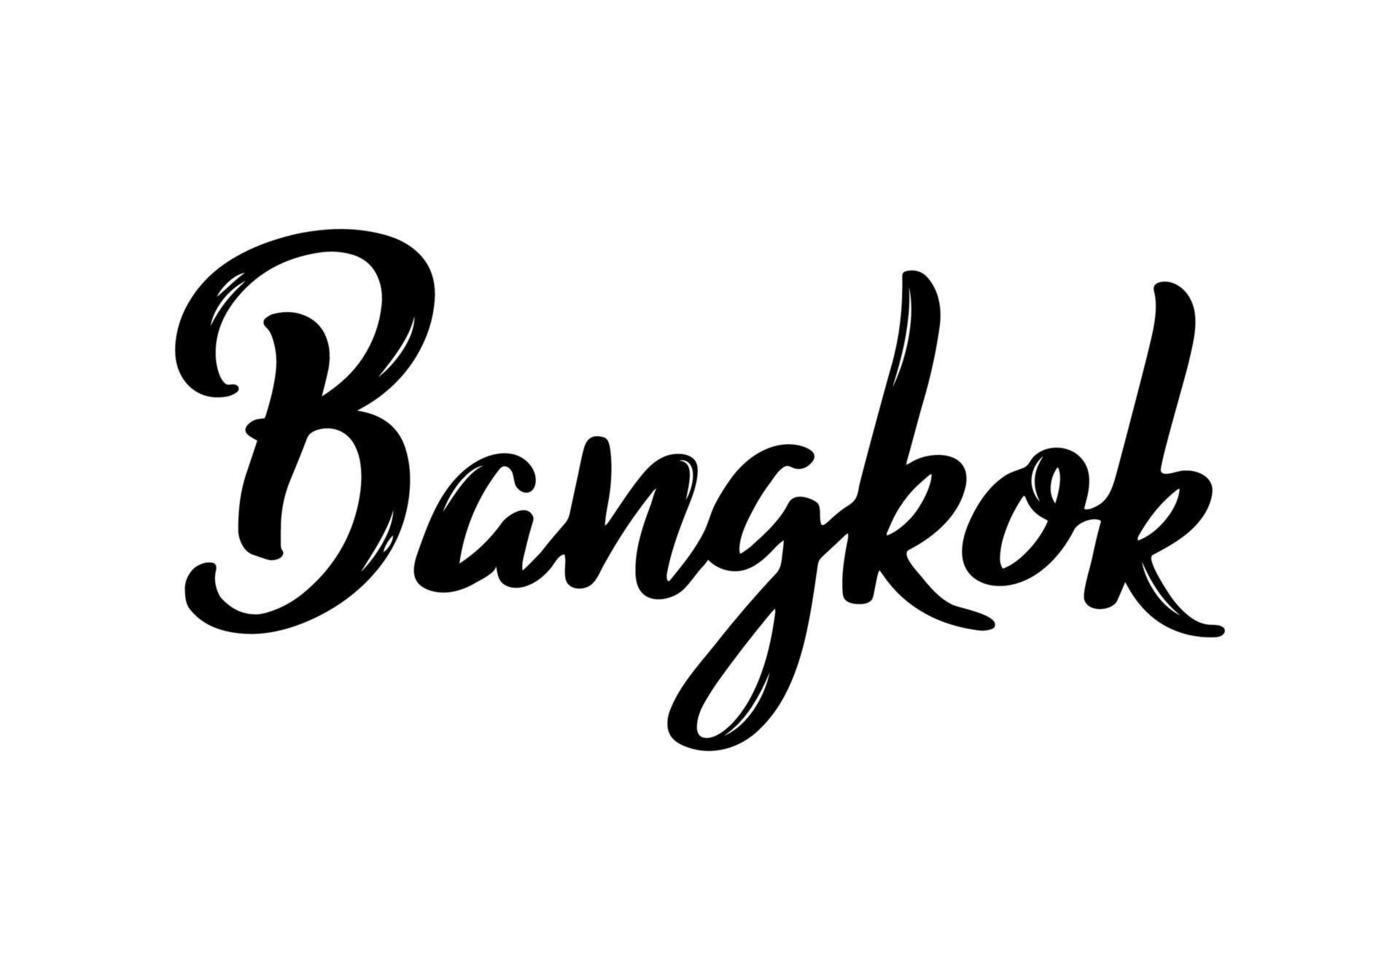 calligraphie manuscrite de Bangkok. calligraphie au pinceau dessiné à la main. conception de lettrage de ville. vecteur